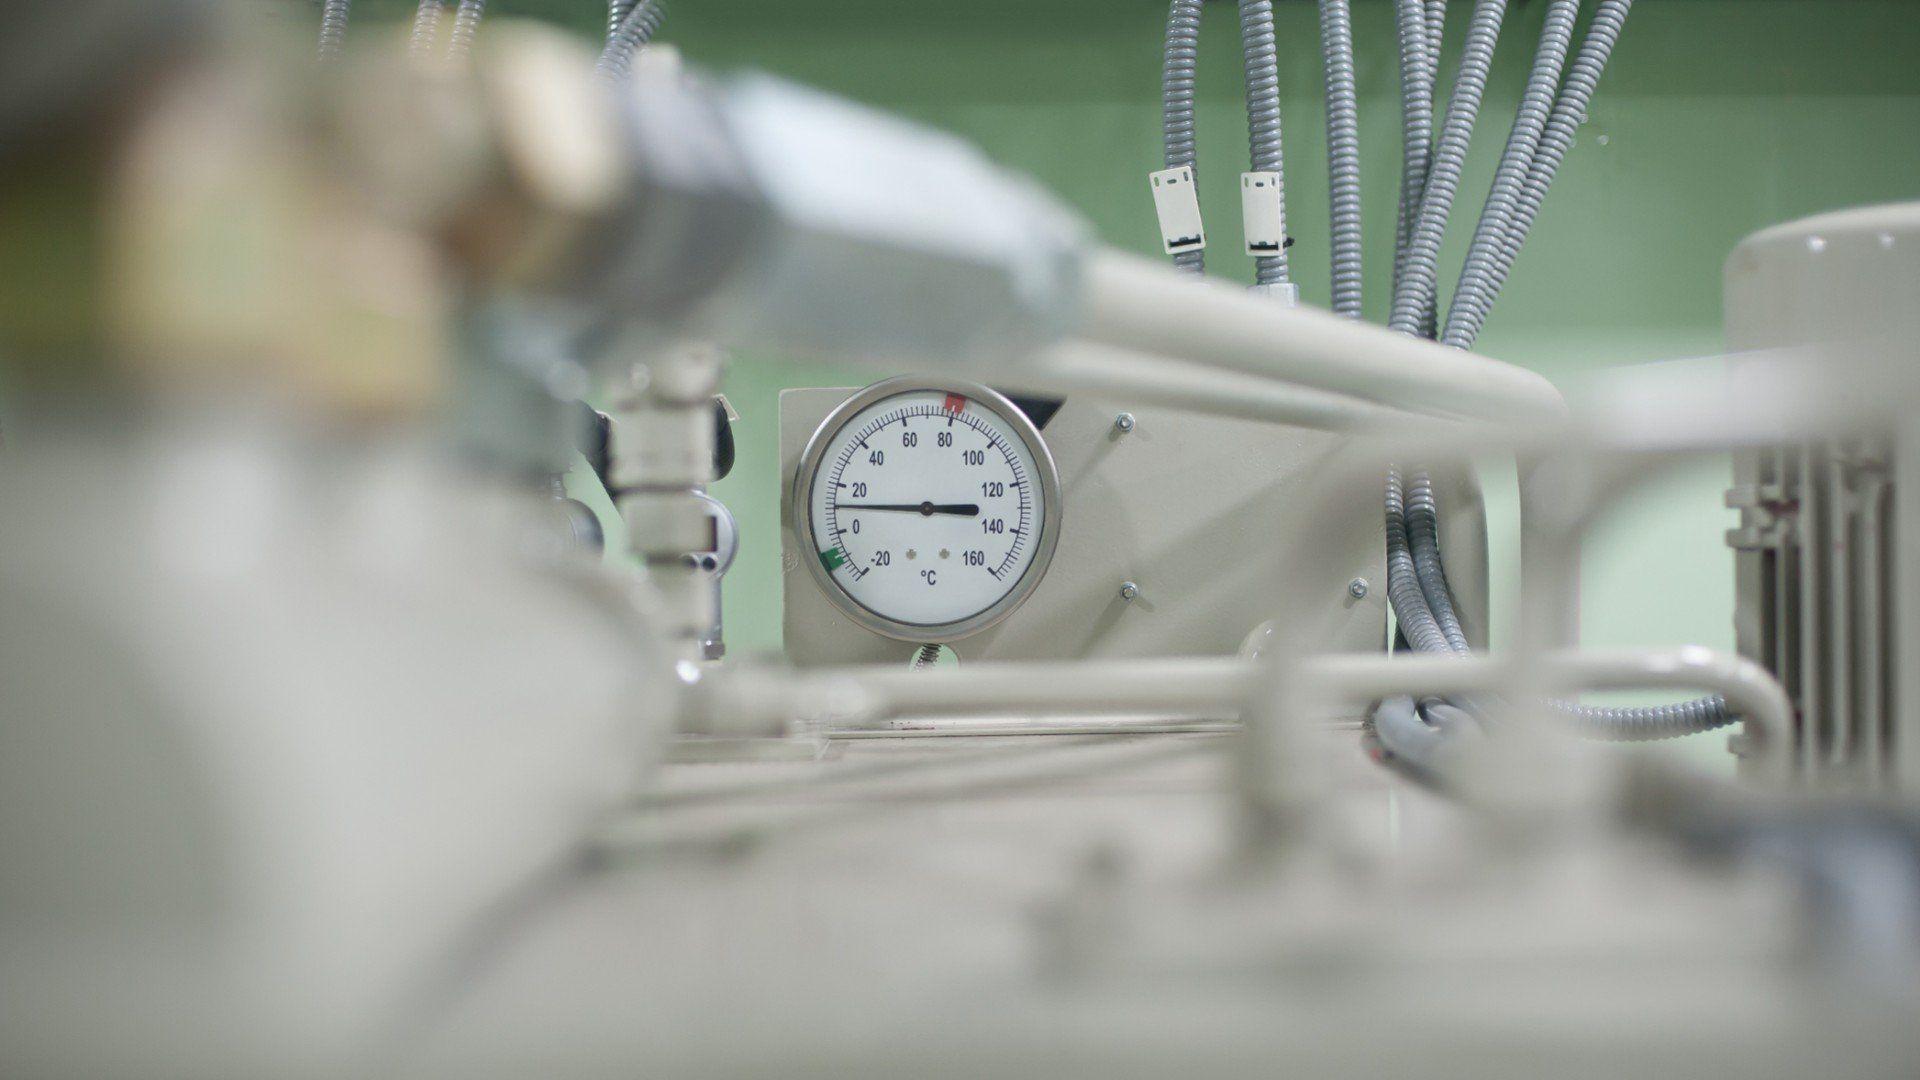 Manutenzione impianti elettrici   Modena   Termoidraulica Zini